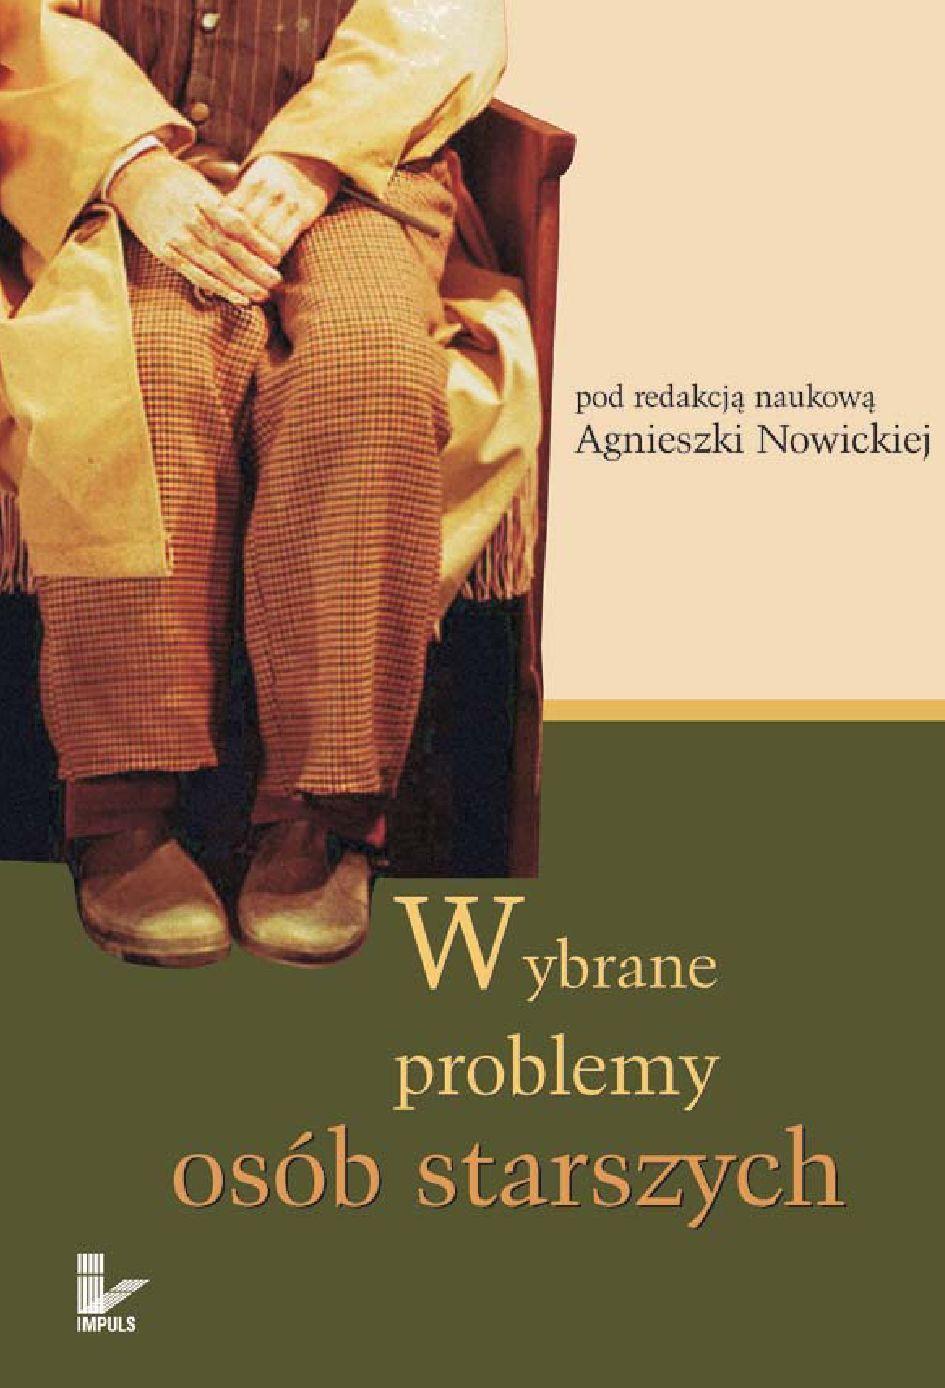 Wybrane problemy osób starszych - Ebook (Książka na Kindle) do pobrania w formacie MOBI